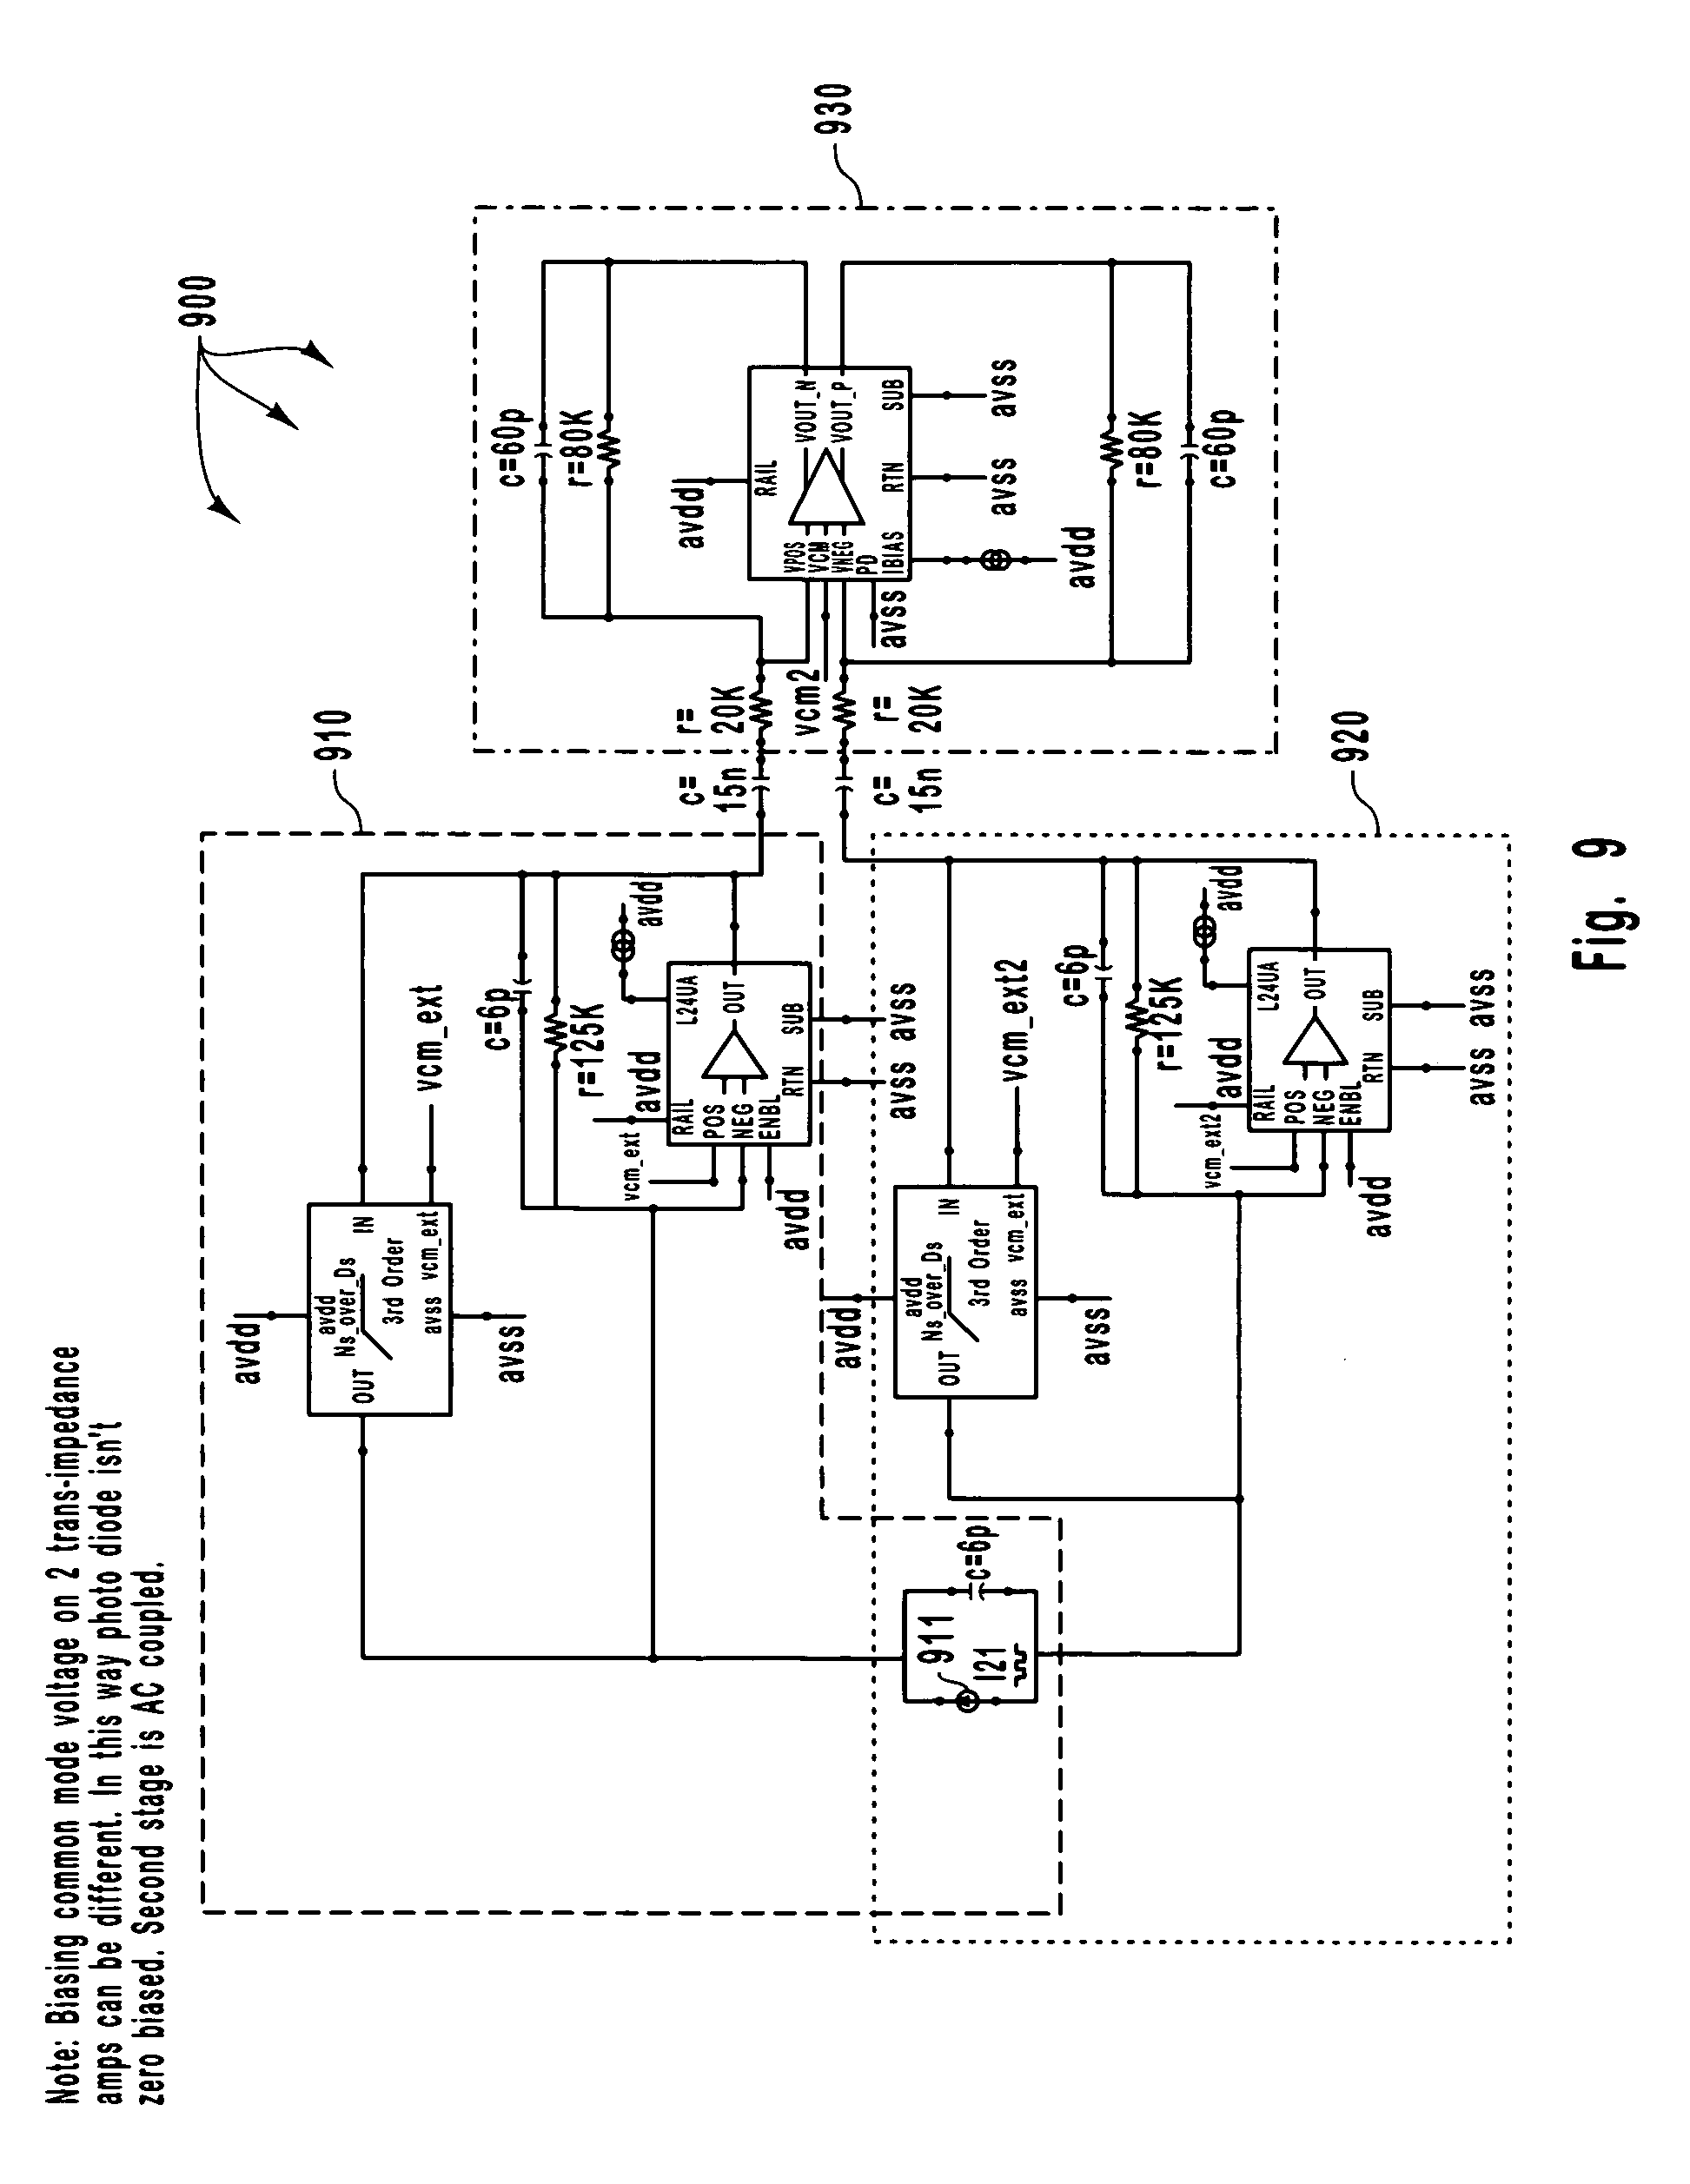 patent us7385170